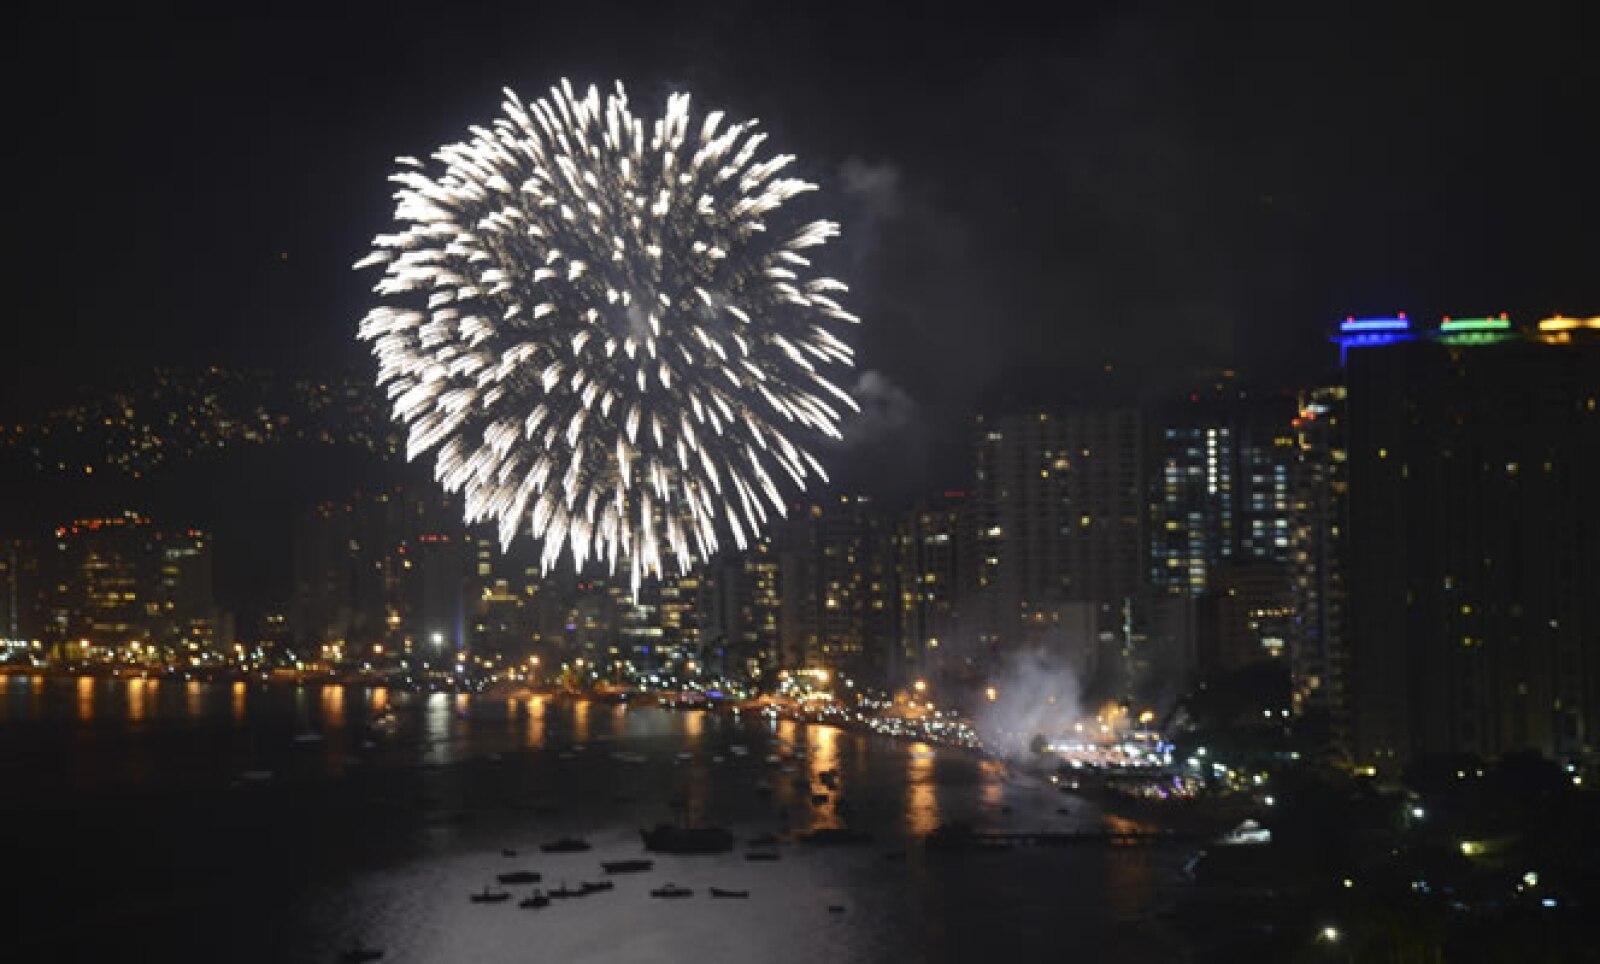 Miles de turistas llegaron a las playas guerrerenses para presenciar el espectáculo de fuegos artificiales en la bahía por la entrada del 2014.